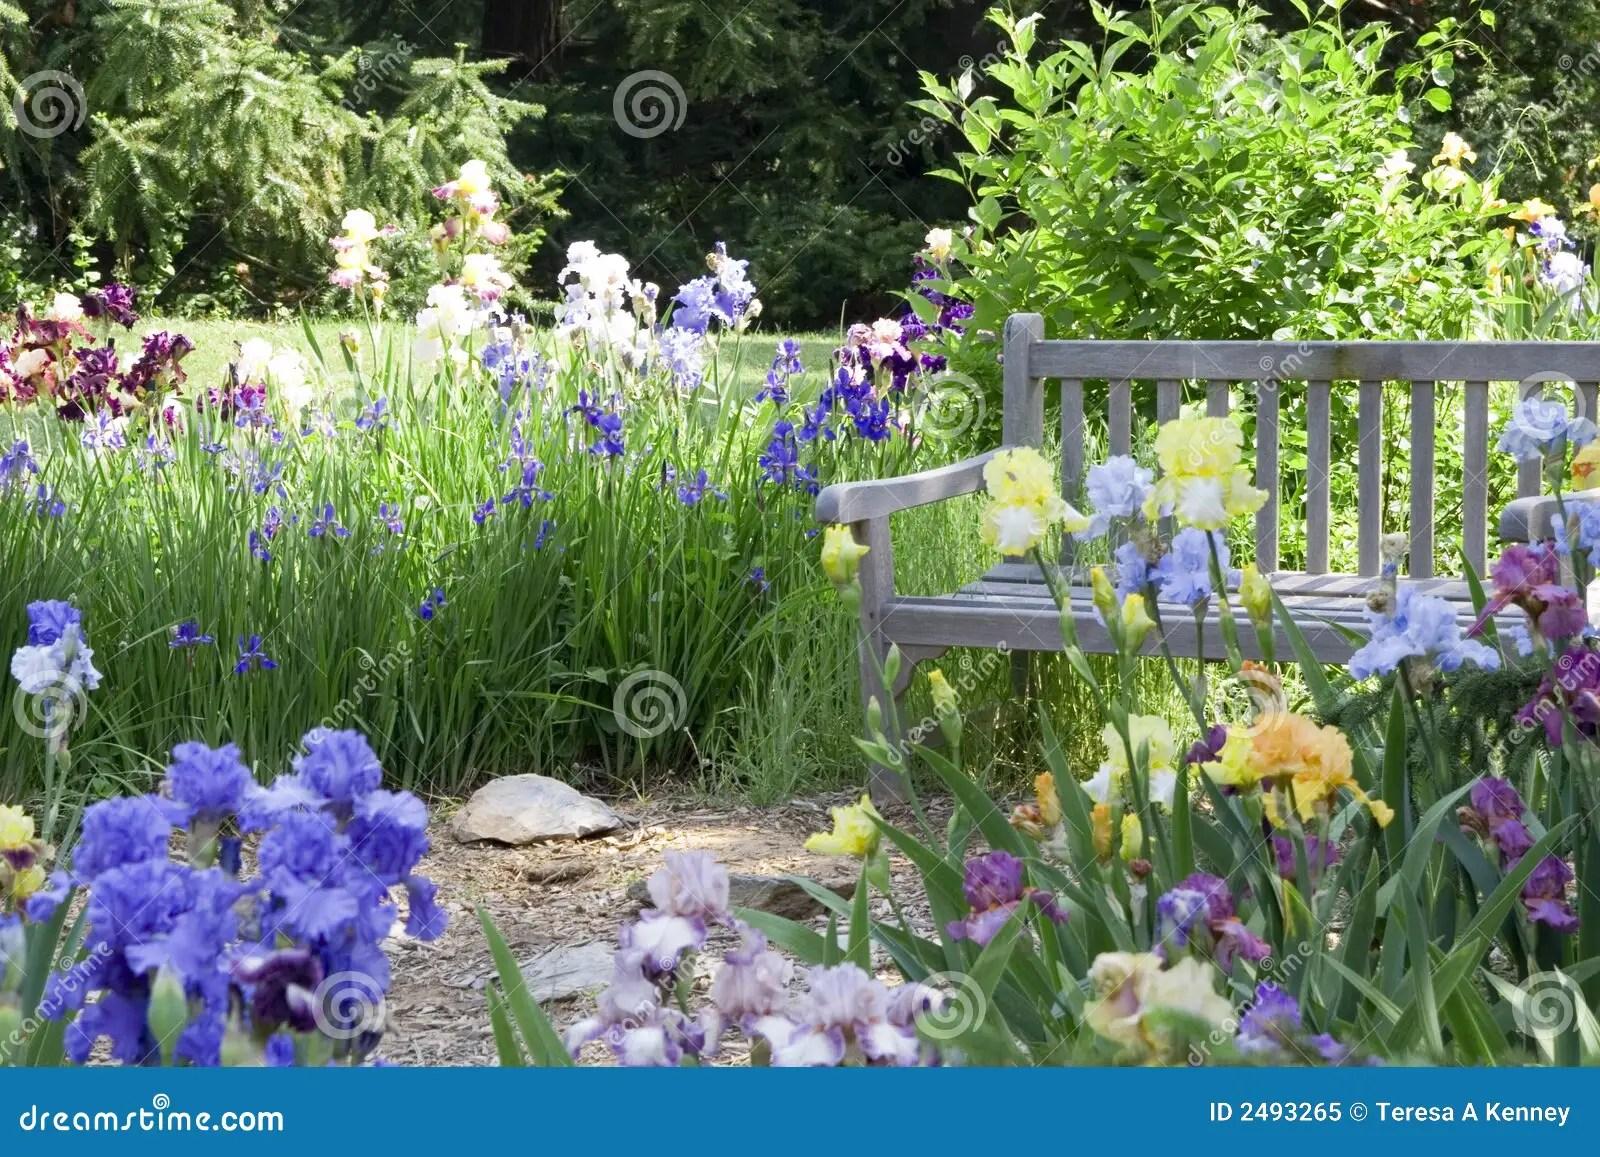 Blumen Garten 37 Reizend Blumen Garten